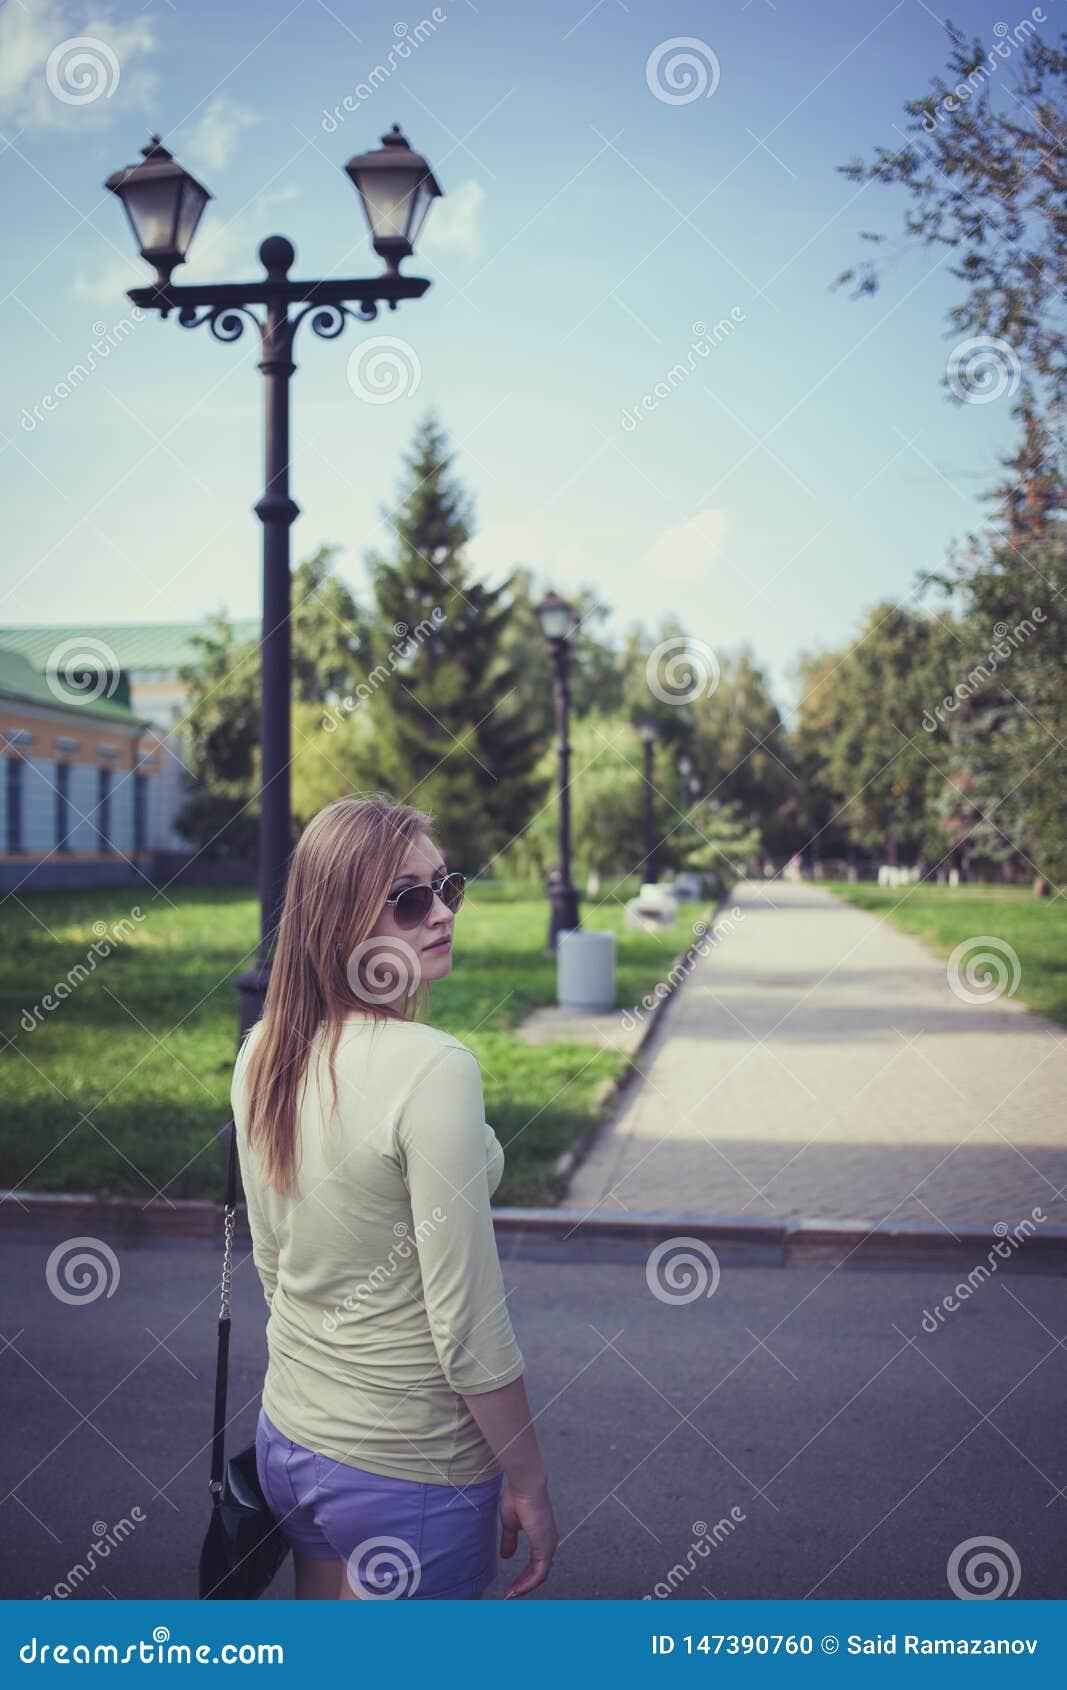 Piękna dziewczyna z bieżącym włosy w krótkich skrótach i szkłach na tle asfaltowa ścieżka z lampionem